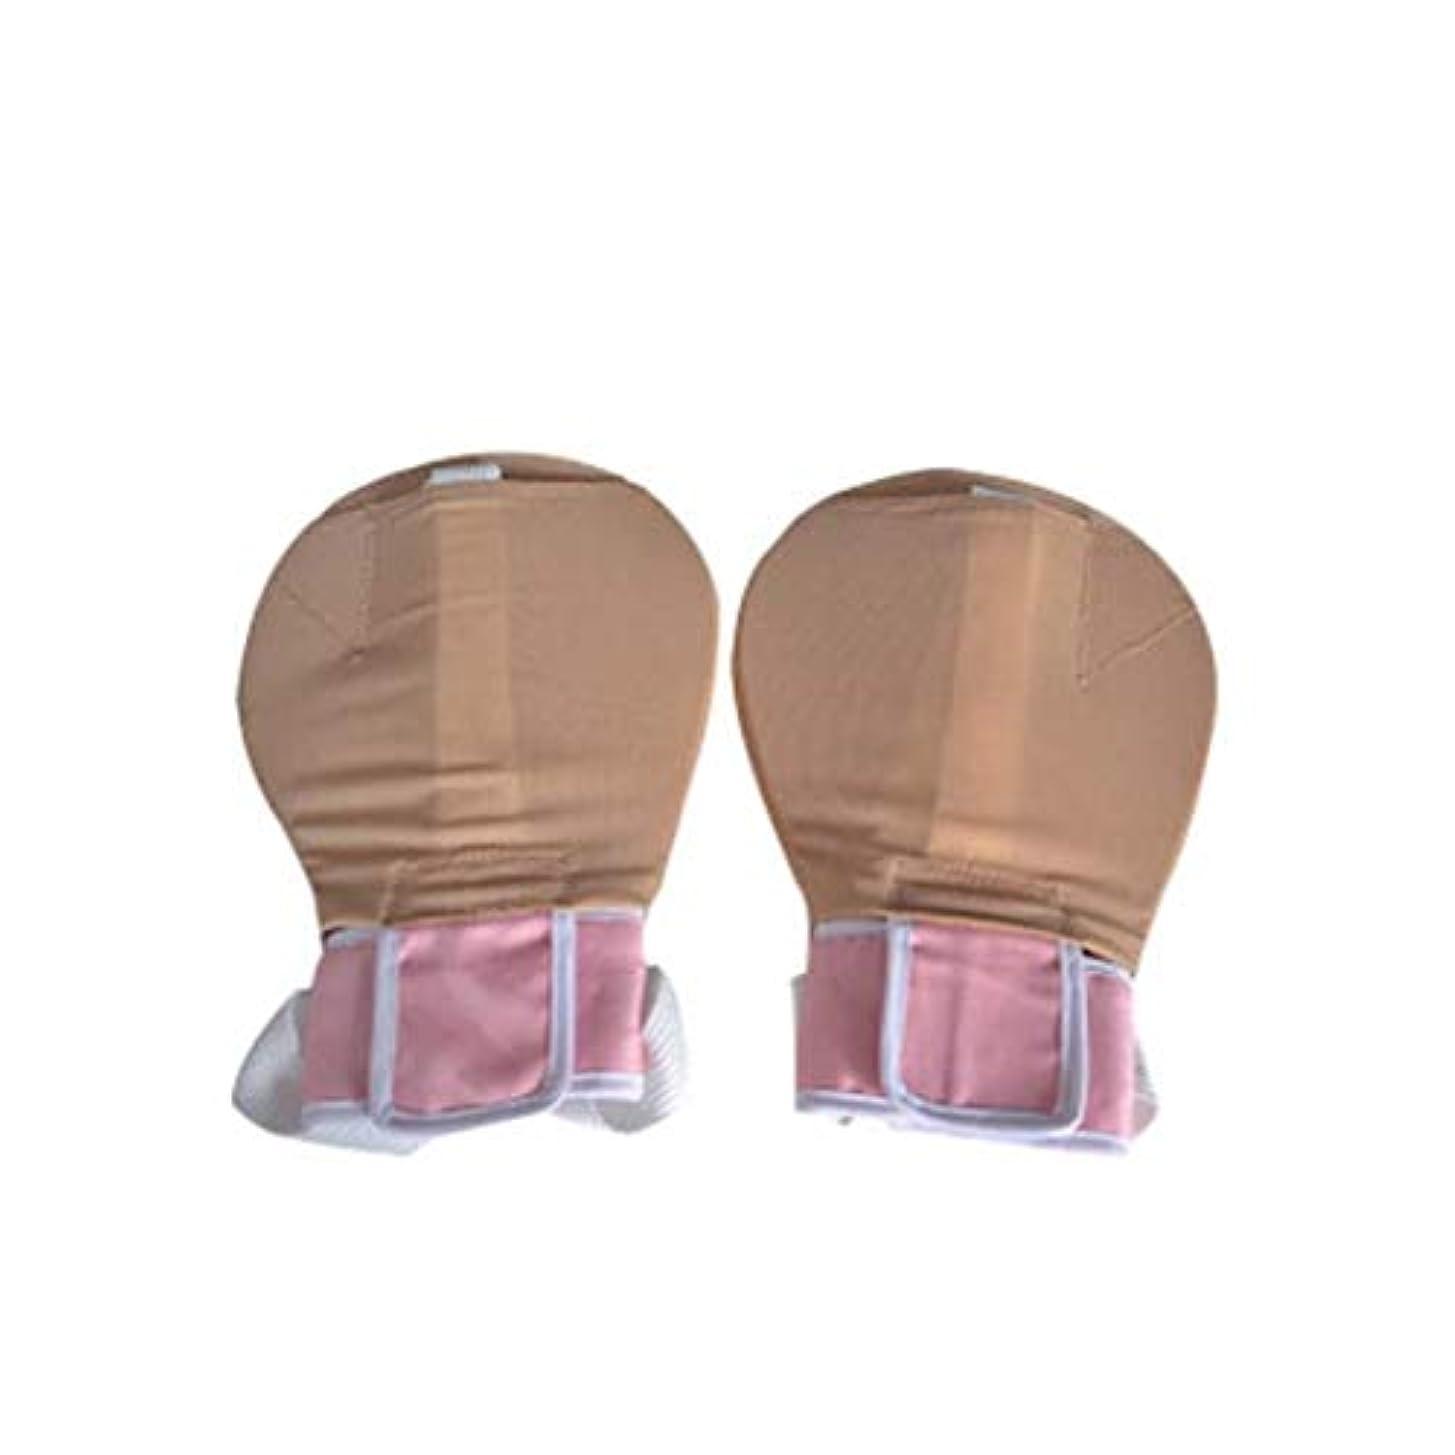 姿を消す大佐瞑想的フィンガーコントロールミット - 拘束手袋フィンガーコントロールミット手の感染プロテクター手の固定手袋安全性ユニバーサル固定 (Size : L)